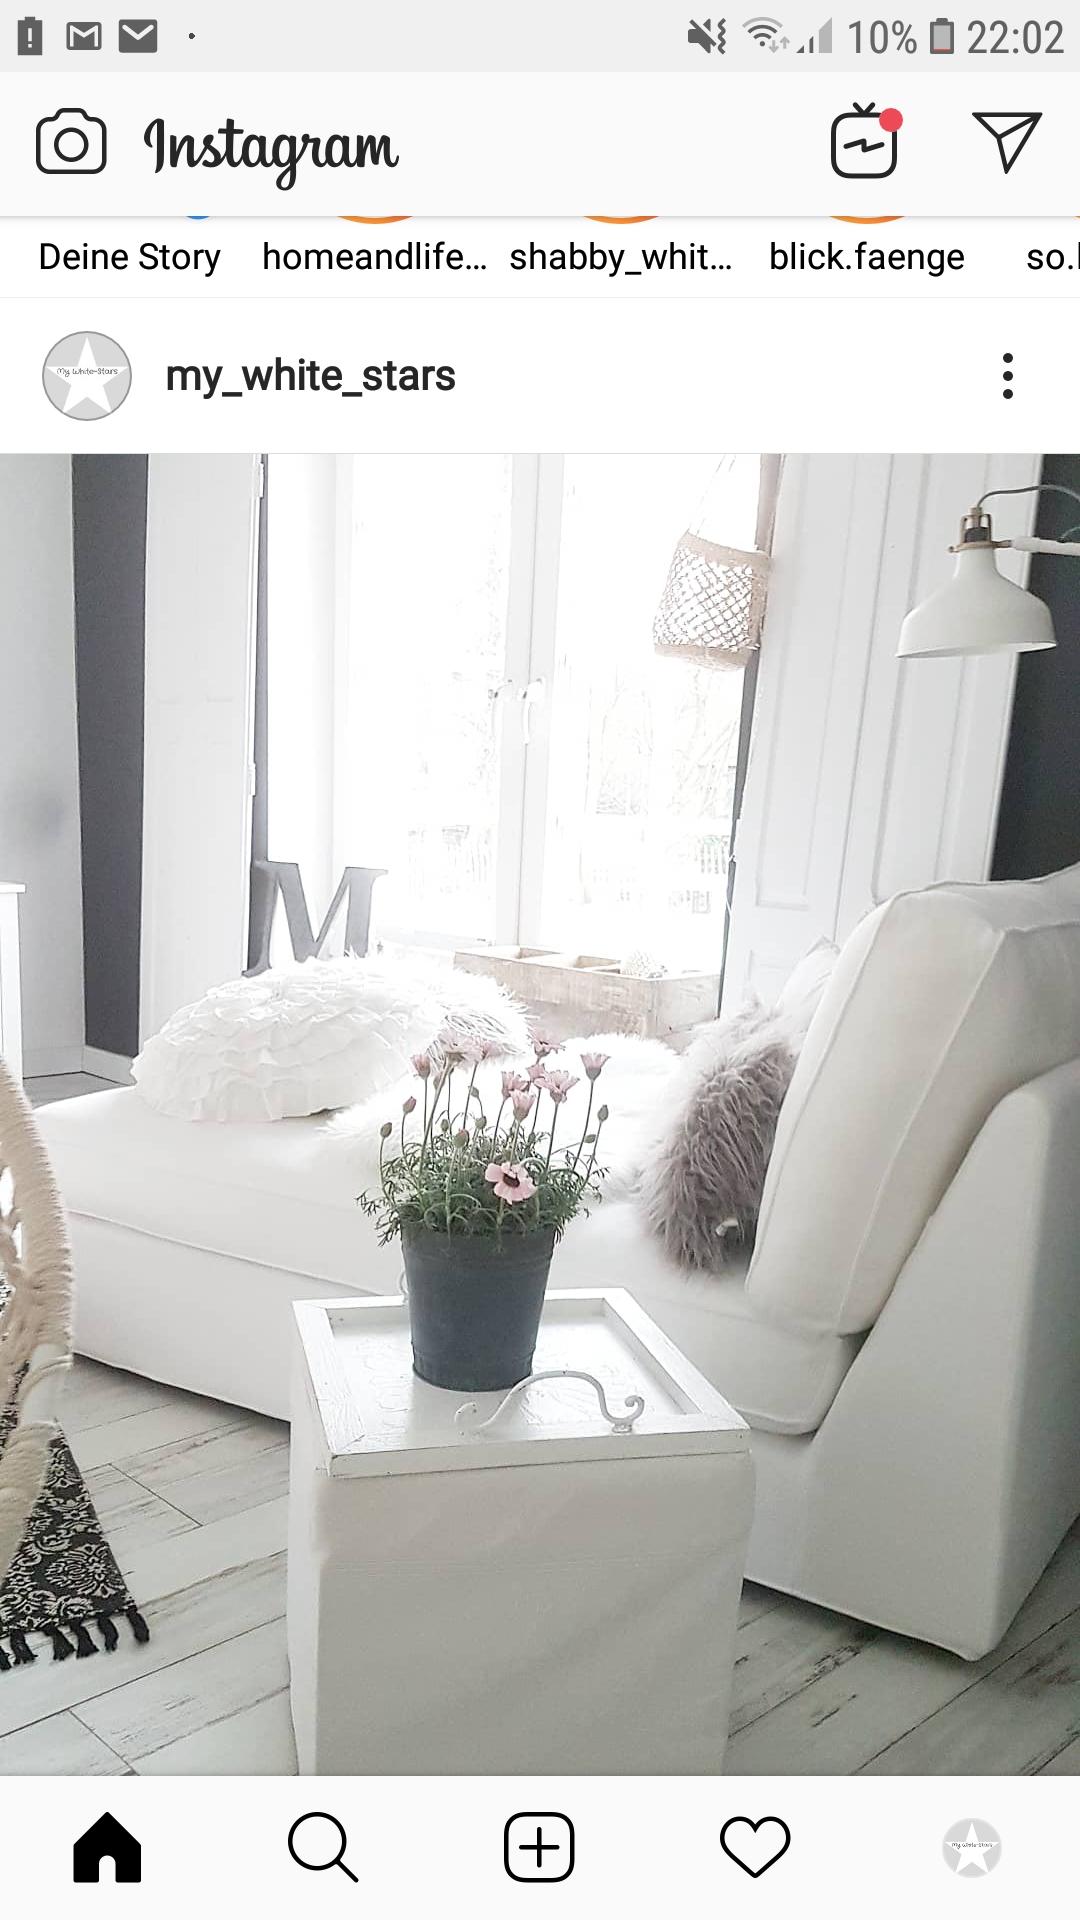 Nordic und Fabrikdesign in himmlischem weiß machen Gaby's Haus aus.